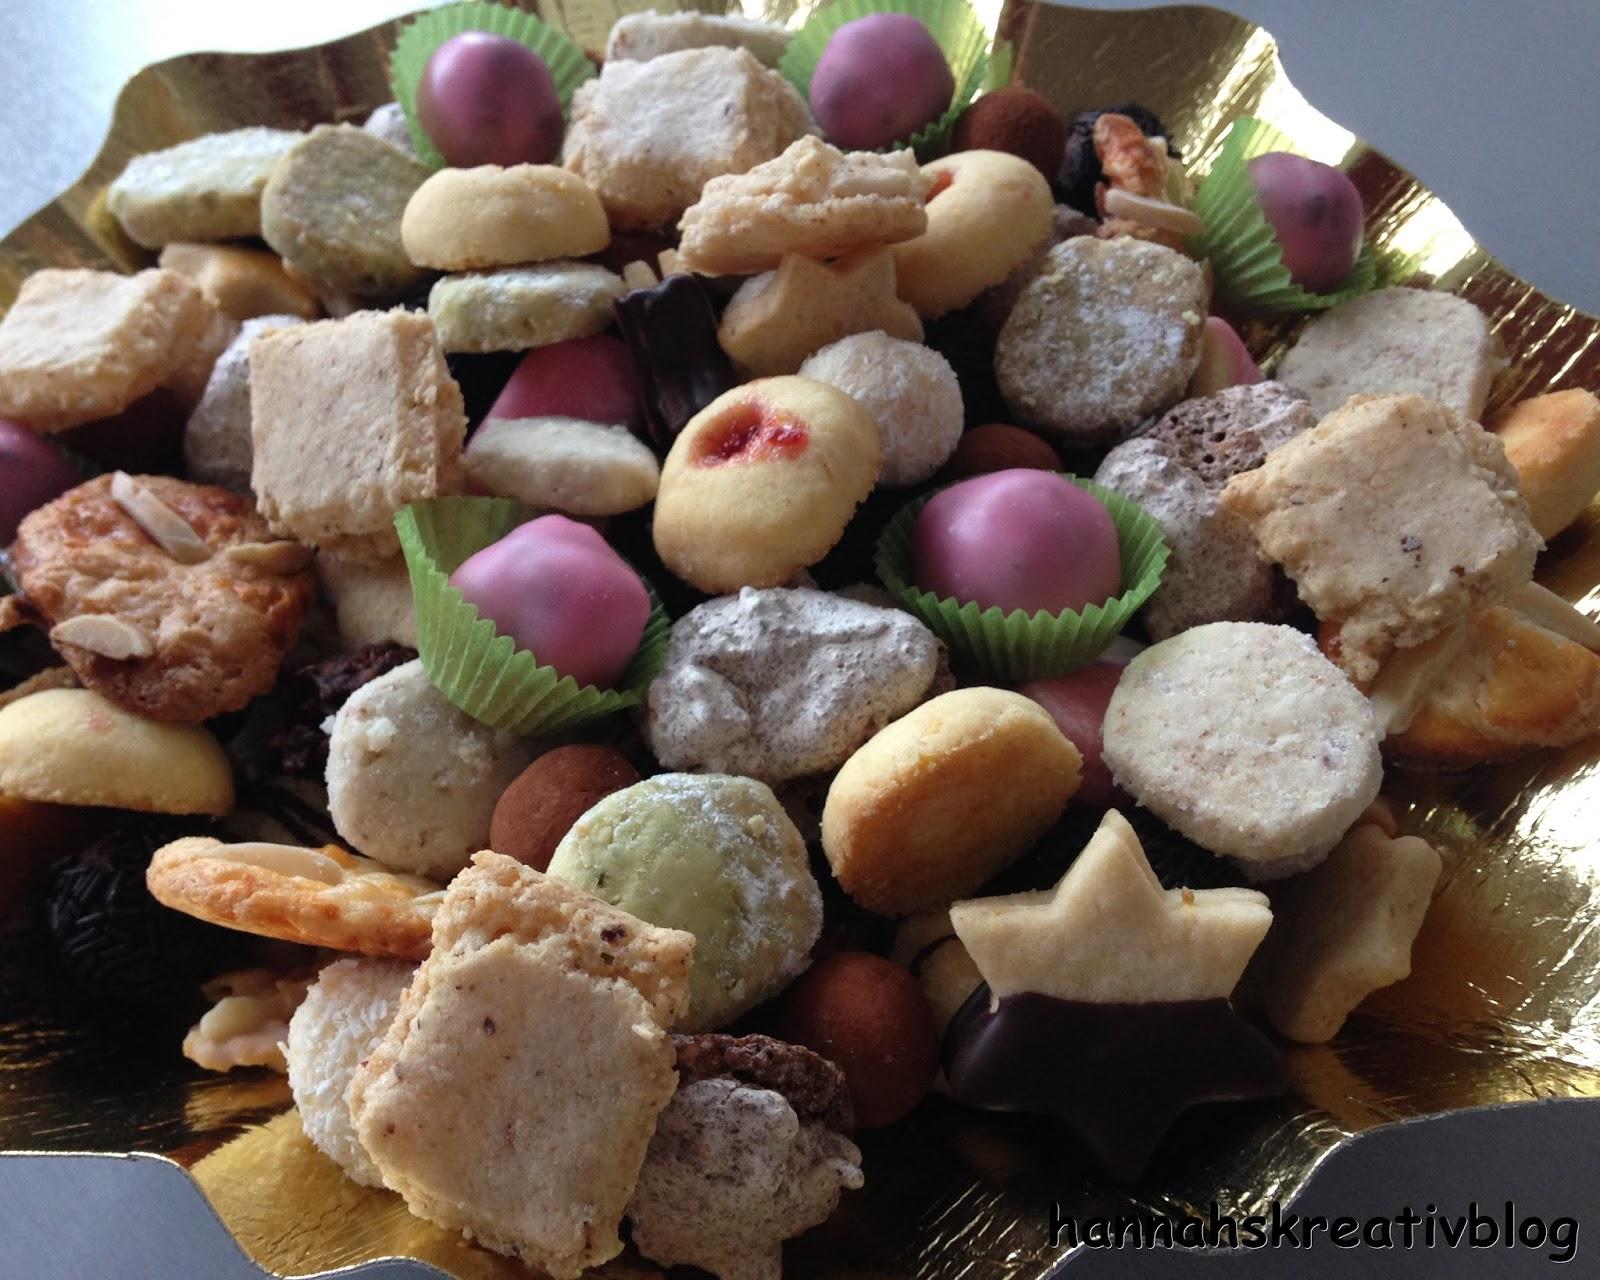 Hannahs Kreativblog: Gesegnete Weihnachten mit Rumkugeln und ...